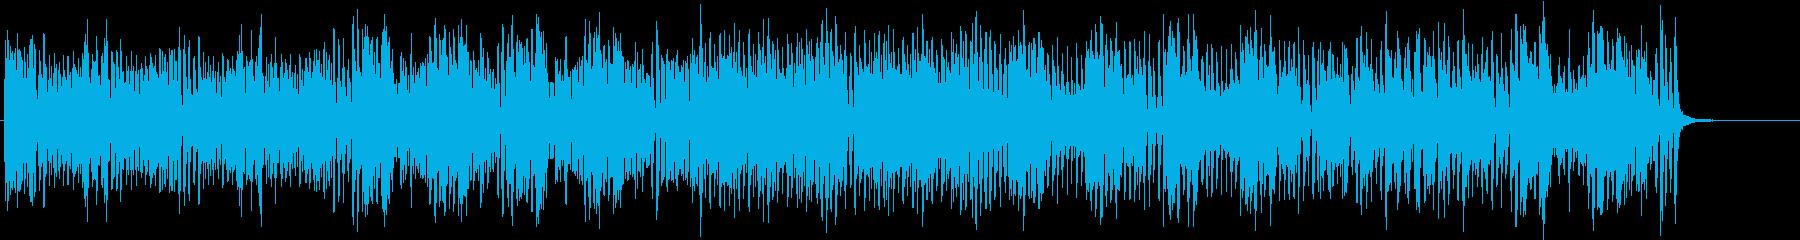 軽快でスピード感あるBGMの再生済みの波形